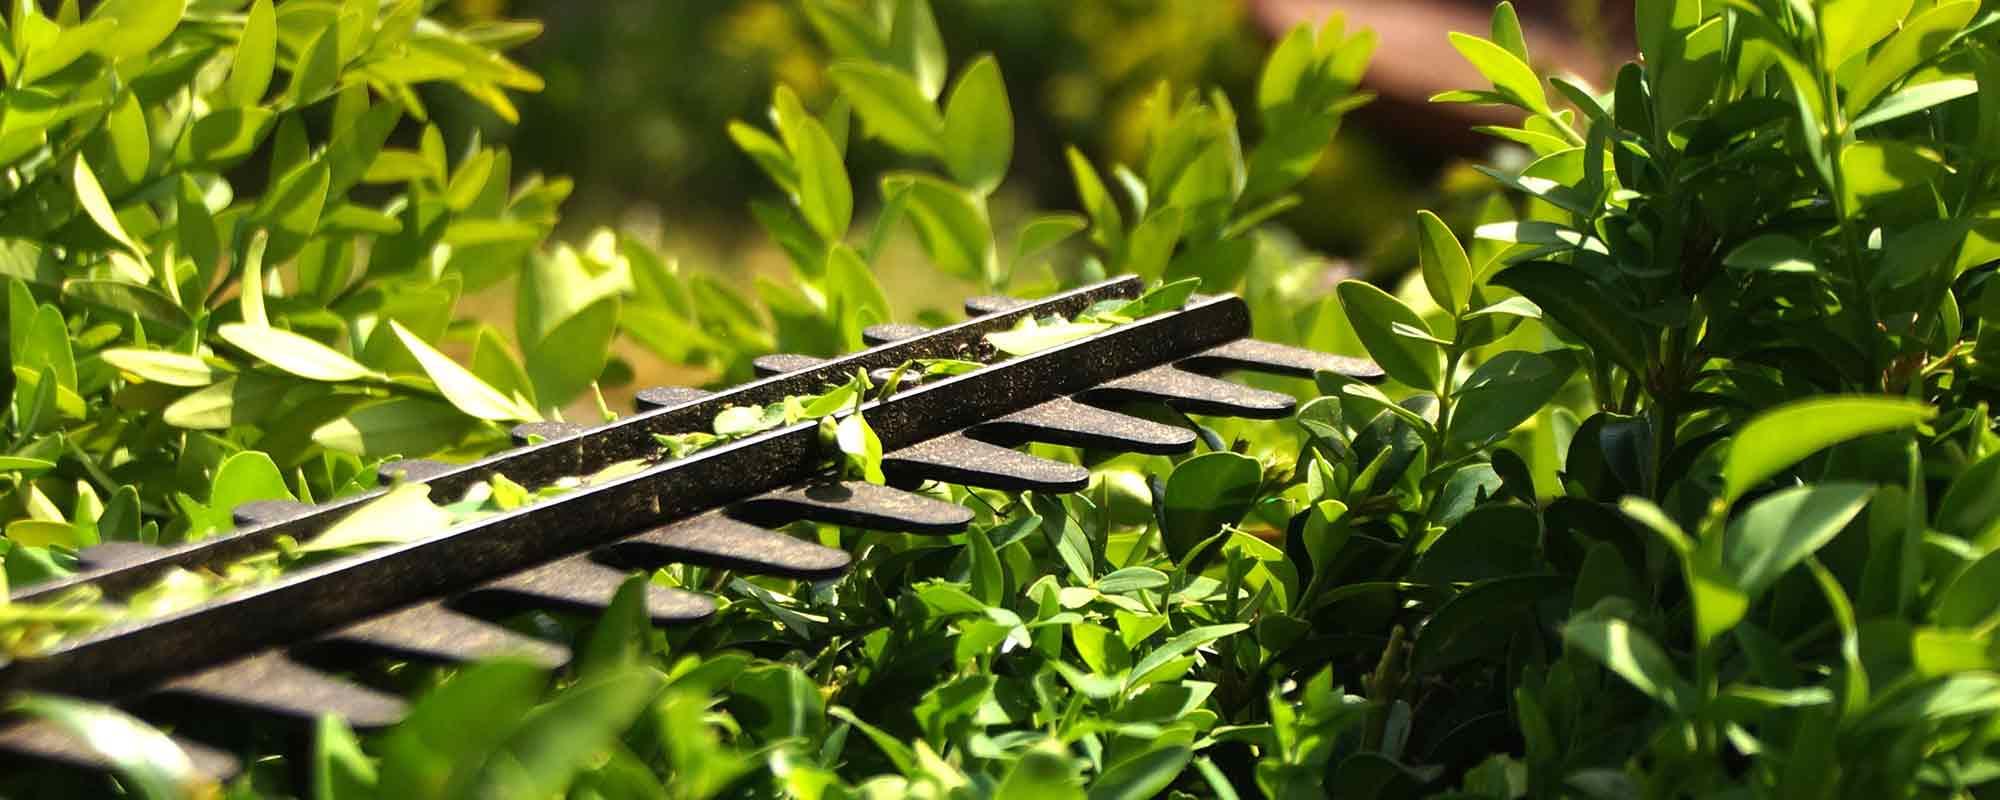 Immergrune Heckenpflanzen Online Kaufen Annas Garten